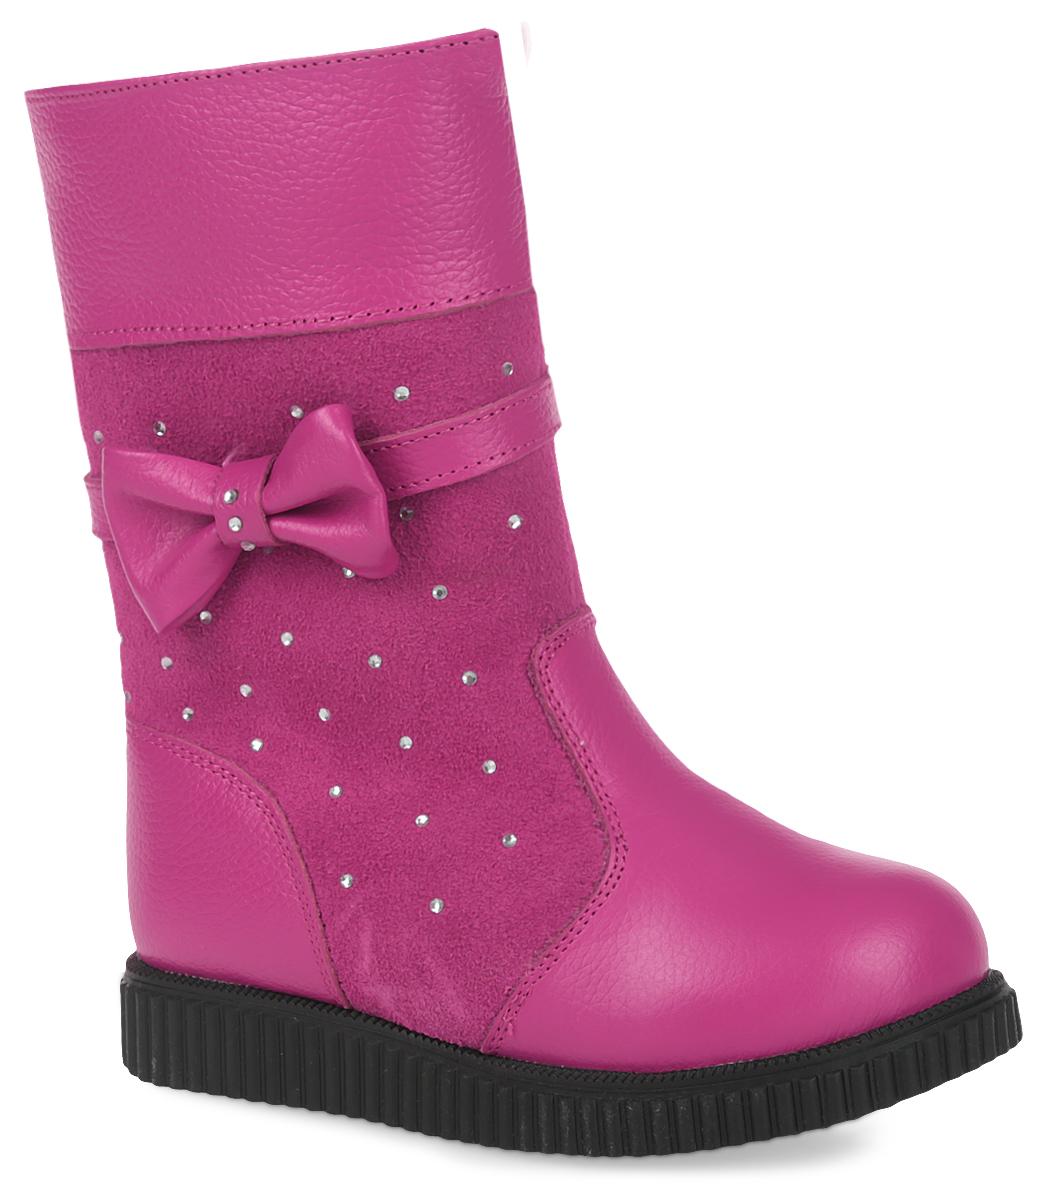 11120-9Удобные сапоги от Зебра выполнены из натуральной кожи в сочетании с замшей. Застежка-молния надежно фиксирует изделие на ноге. Мягкая подкладка и стелька из шерсти обеспечивают тепло, циркуляцию воздуха и сохраняют комфортный микроклимат в обуви. Сбоку модель оформлена декоративным бантиком и стразами.